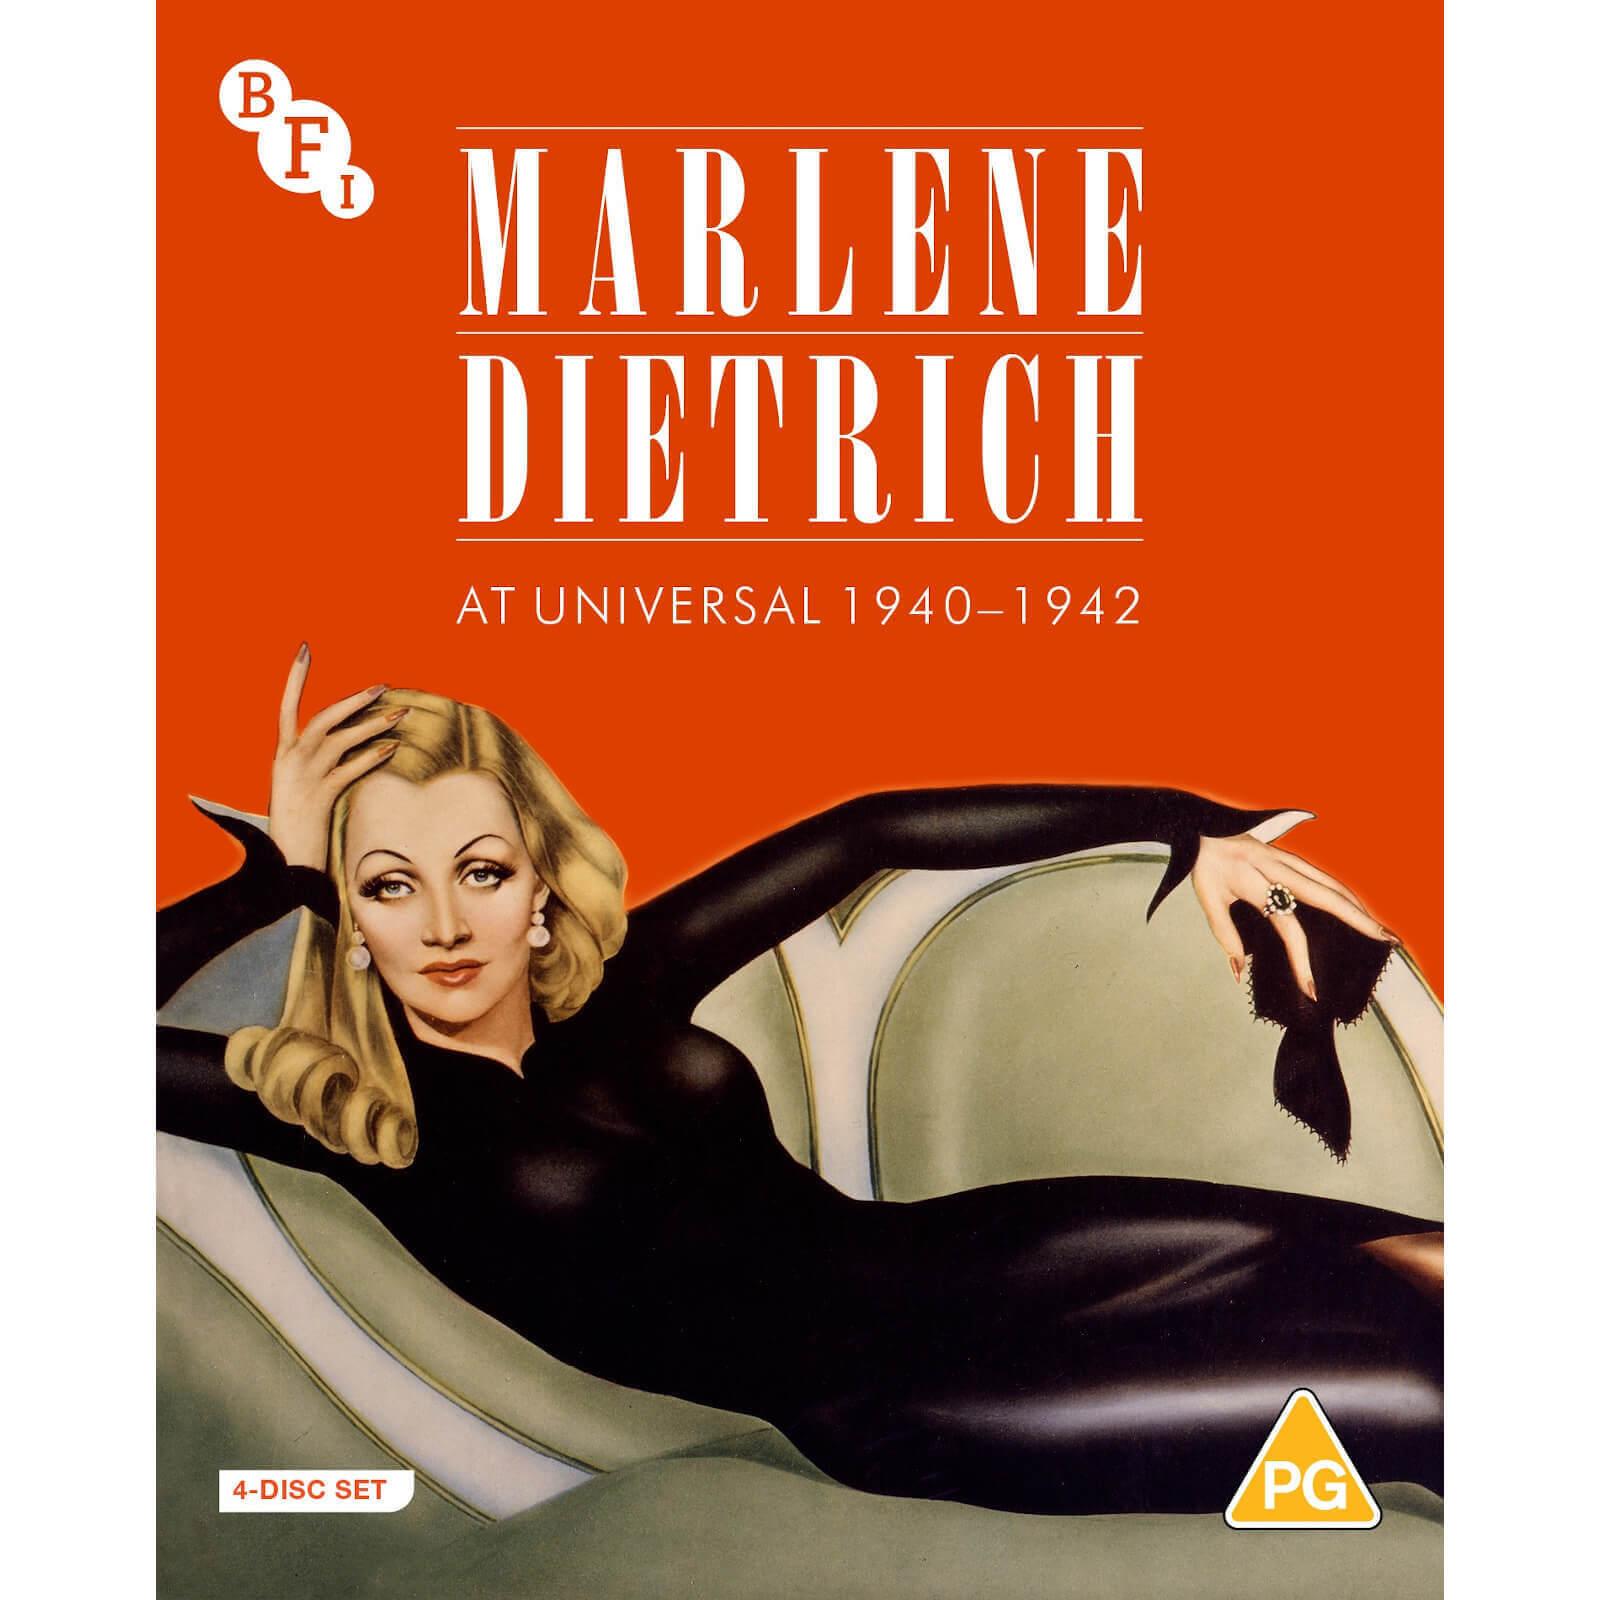 Marlene Dietrich at Universal 1940-1942